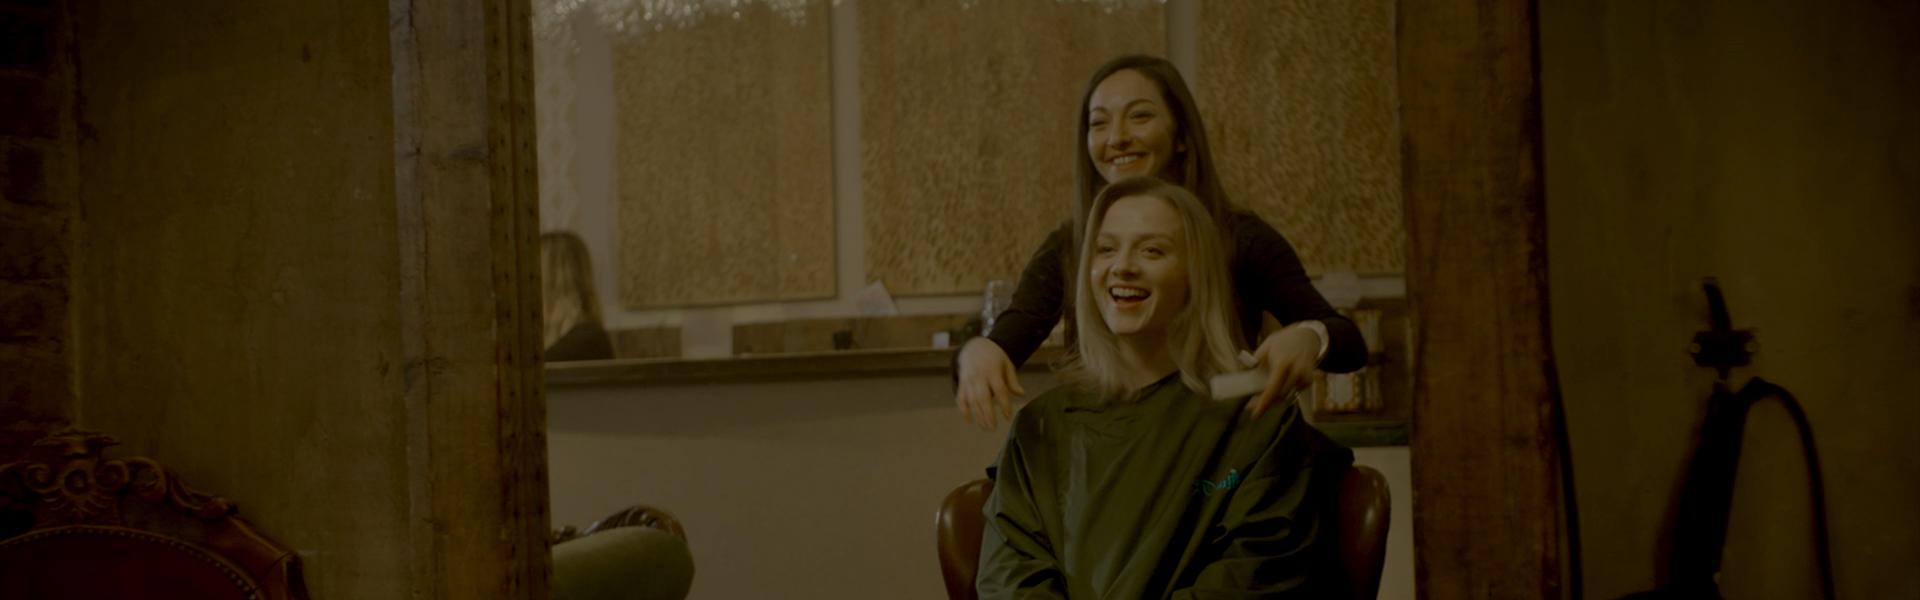 Kuaförde iki kadın